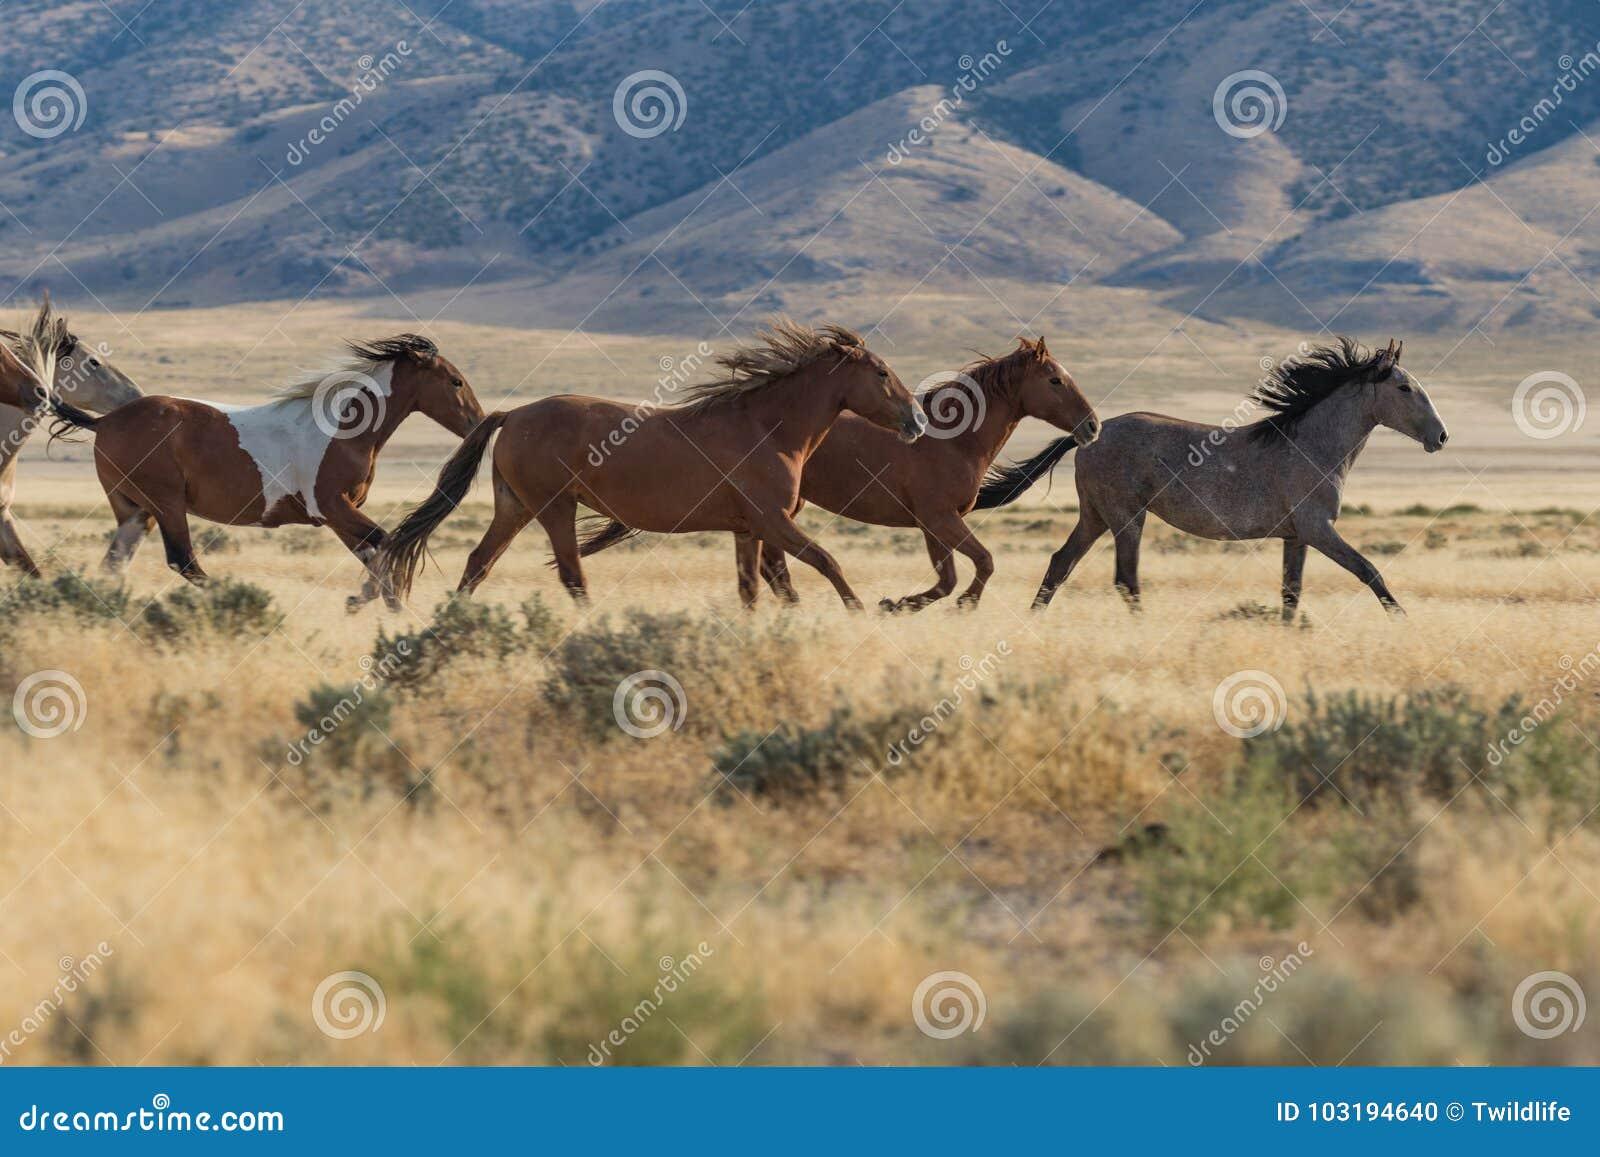 Wilde Pferde, die in die Utah-Wüste laufen